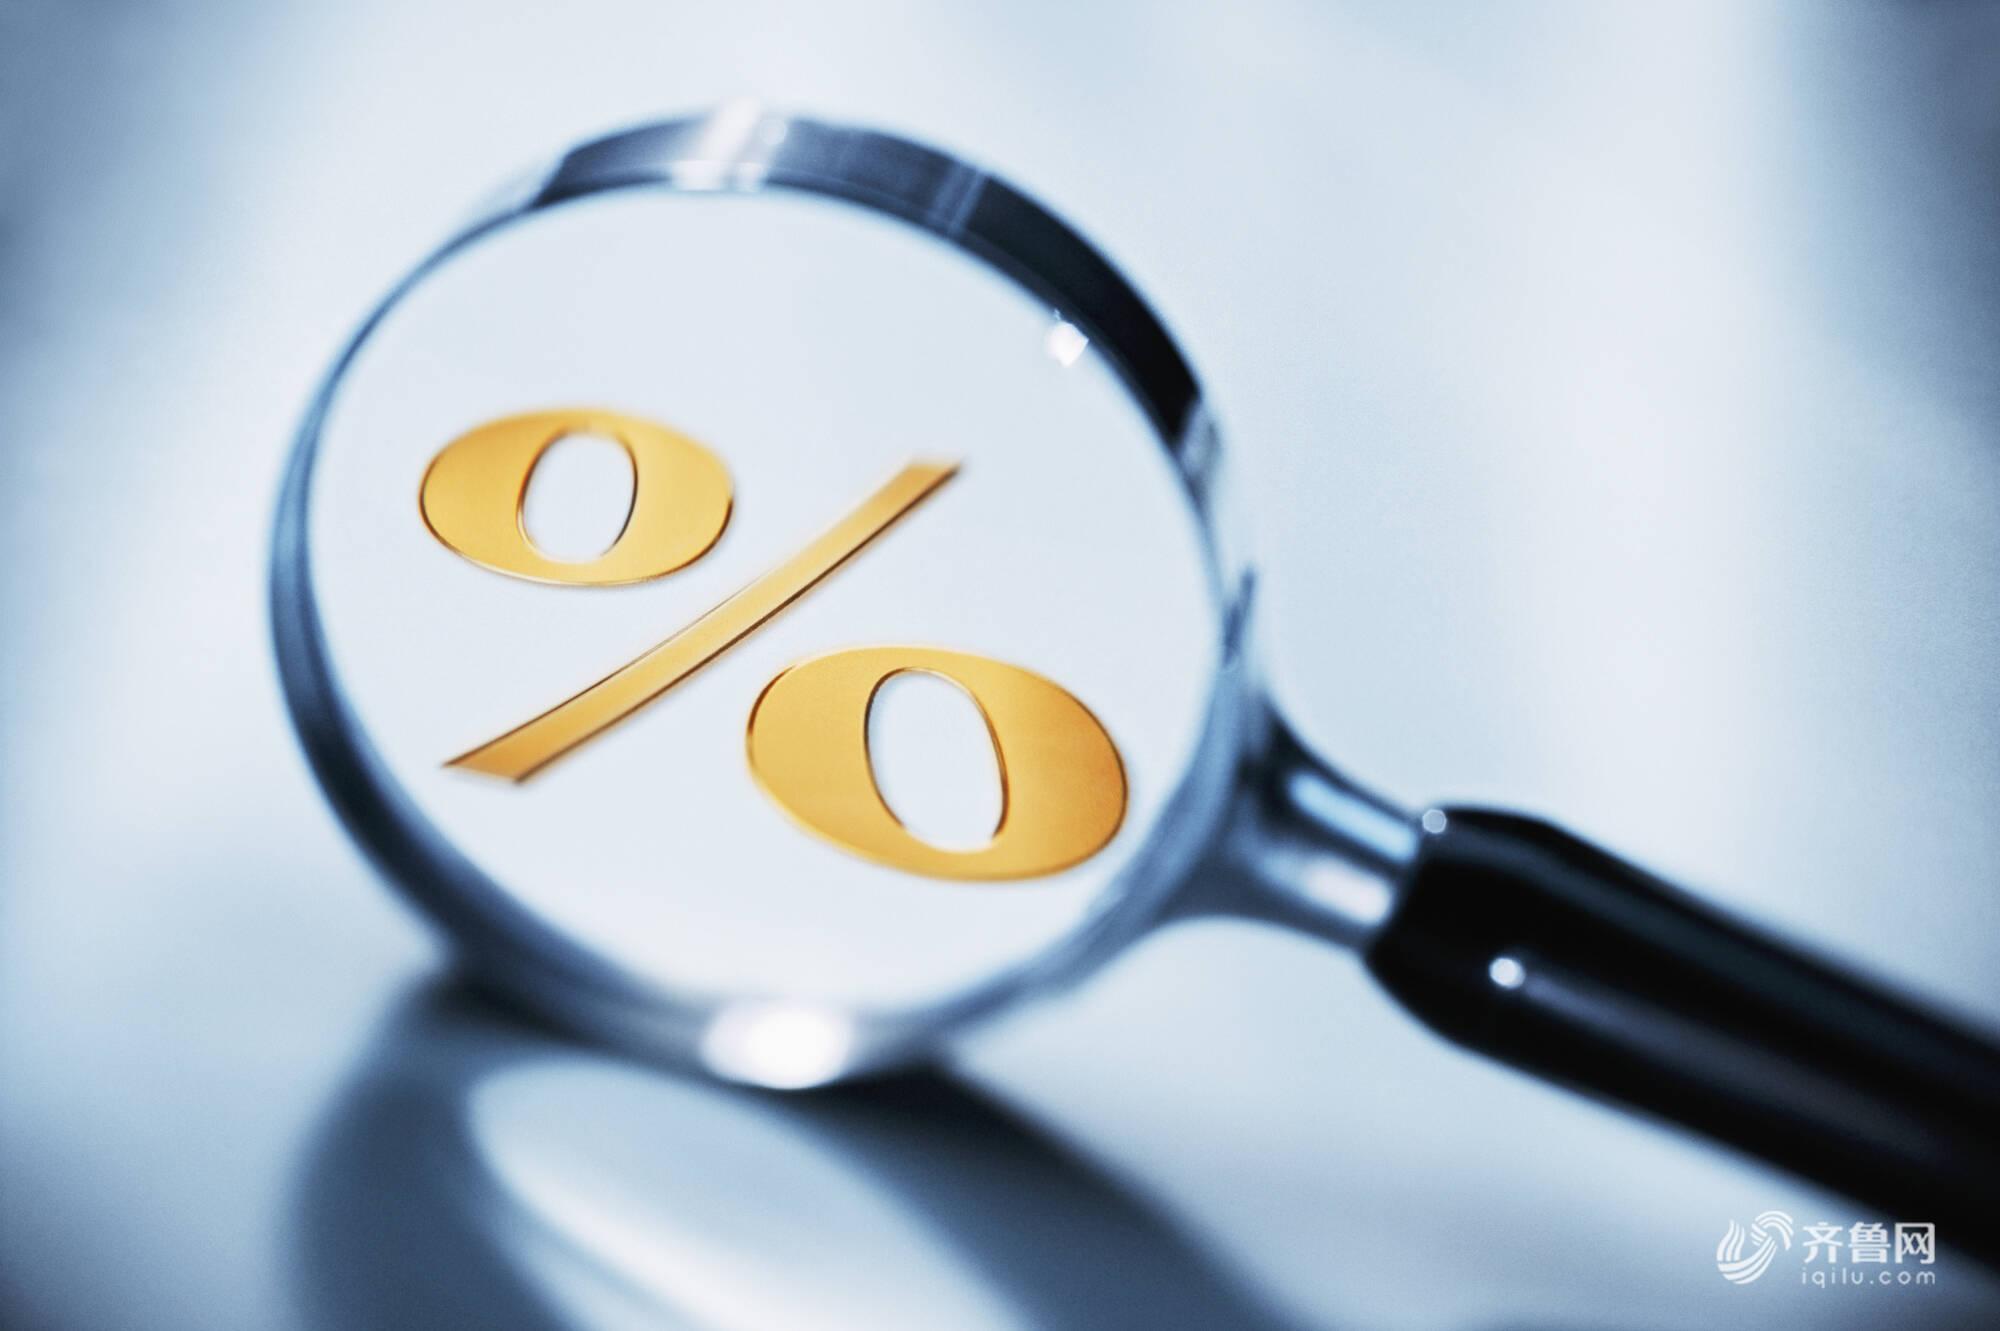 年底前全部发放到位!山东居民基本养老保险基础养老金最低标准每人每月再提高24元